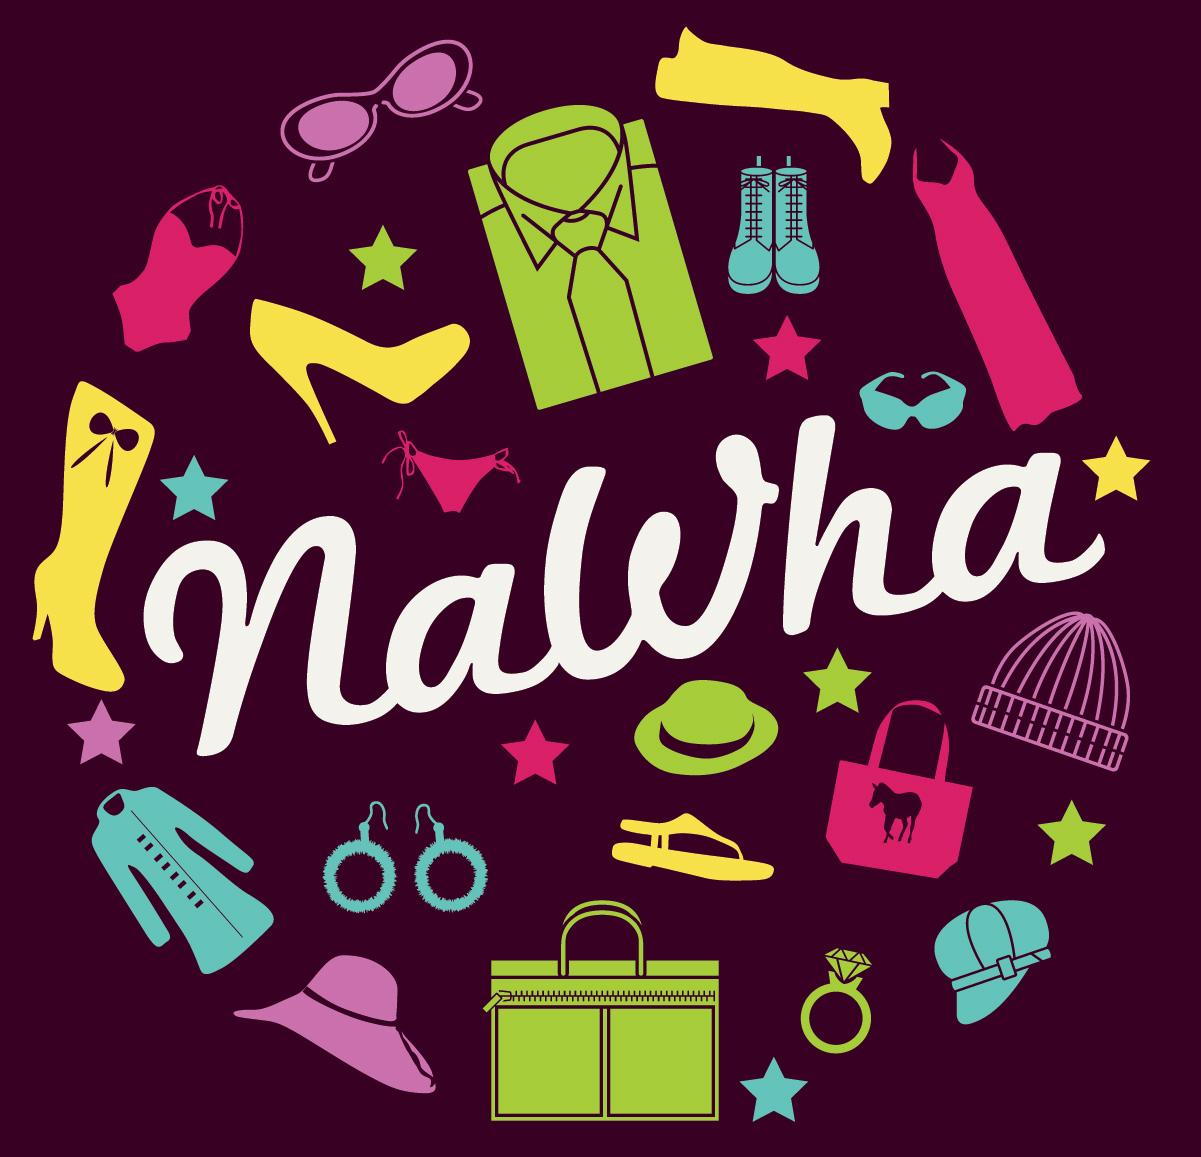 เสื้อผ้าแฟชั่นนำเข้าพร้อมส่ง เครื่องประดับ ราคาถูก ส่งฟรี